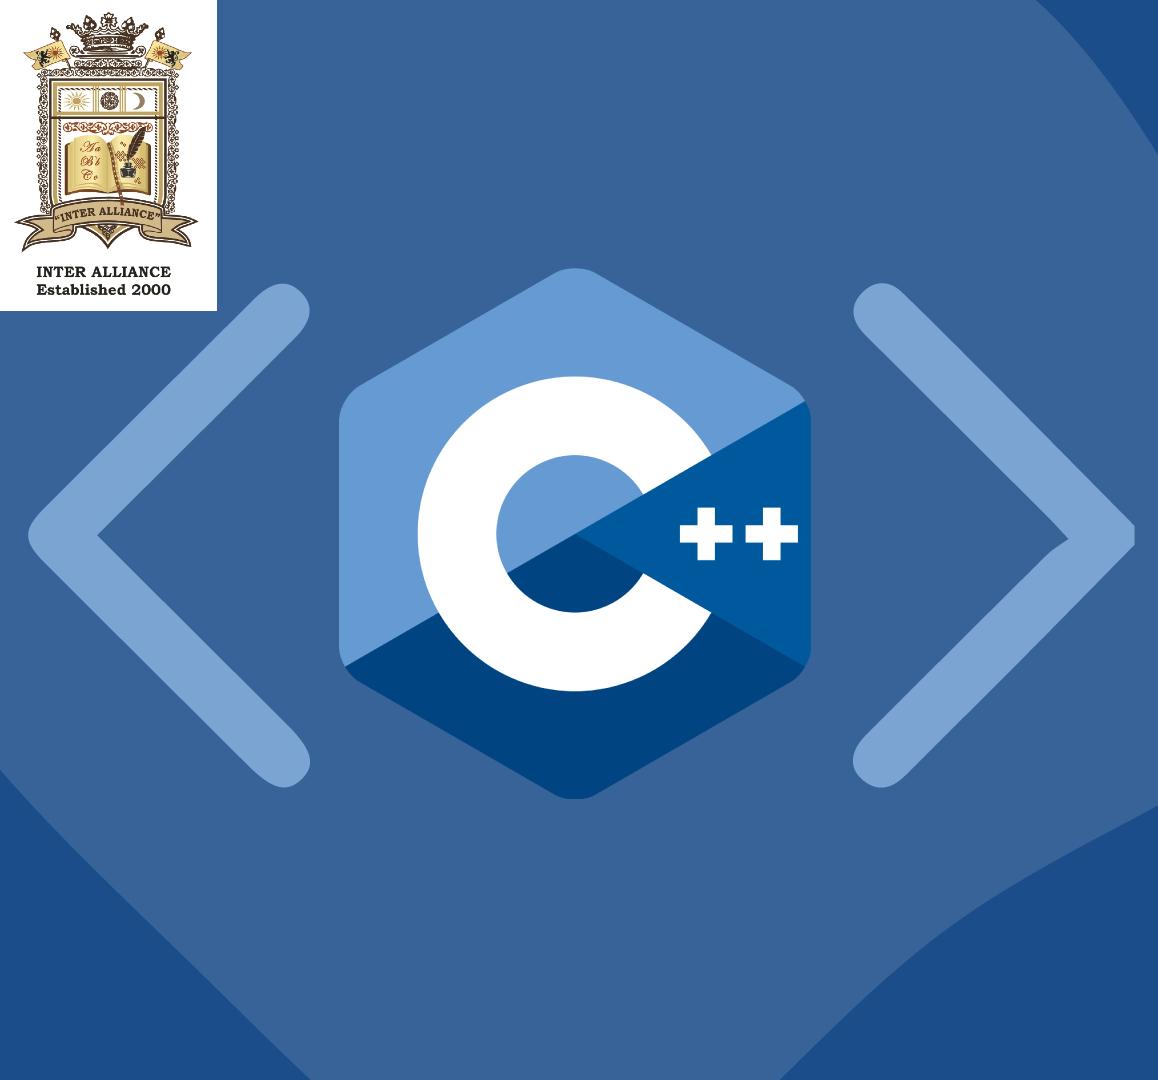 Курс по C++ Програмиране от 1-во до 3-то Ниво от INTER ALLIANCE